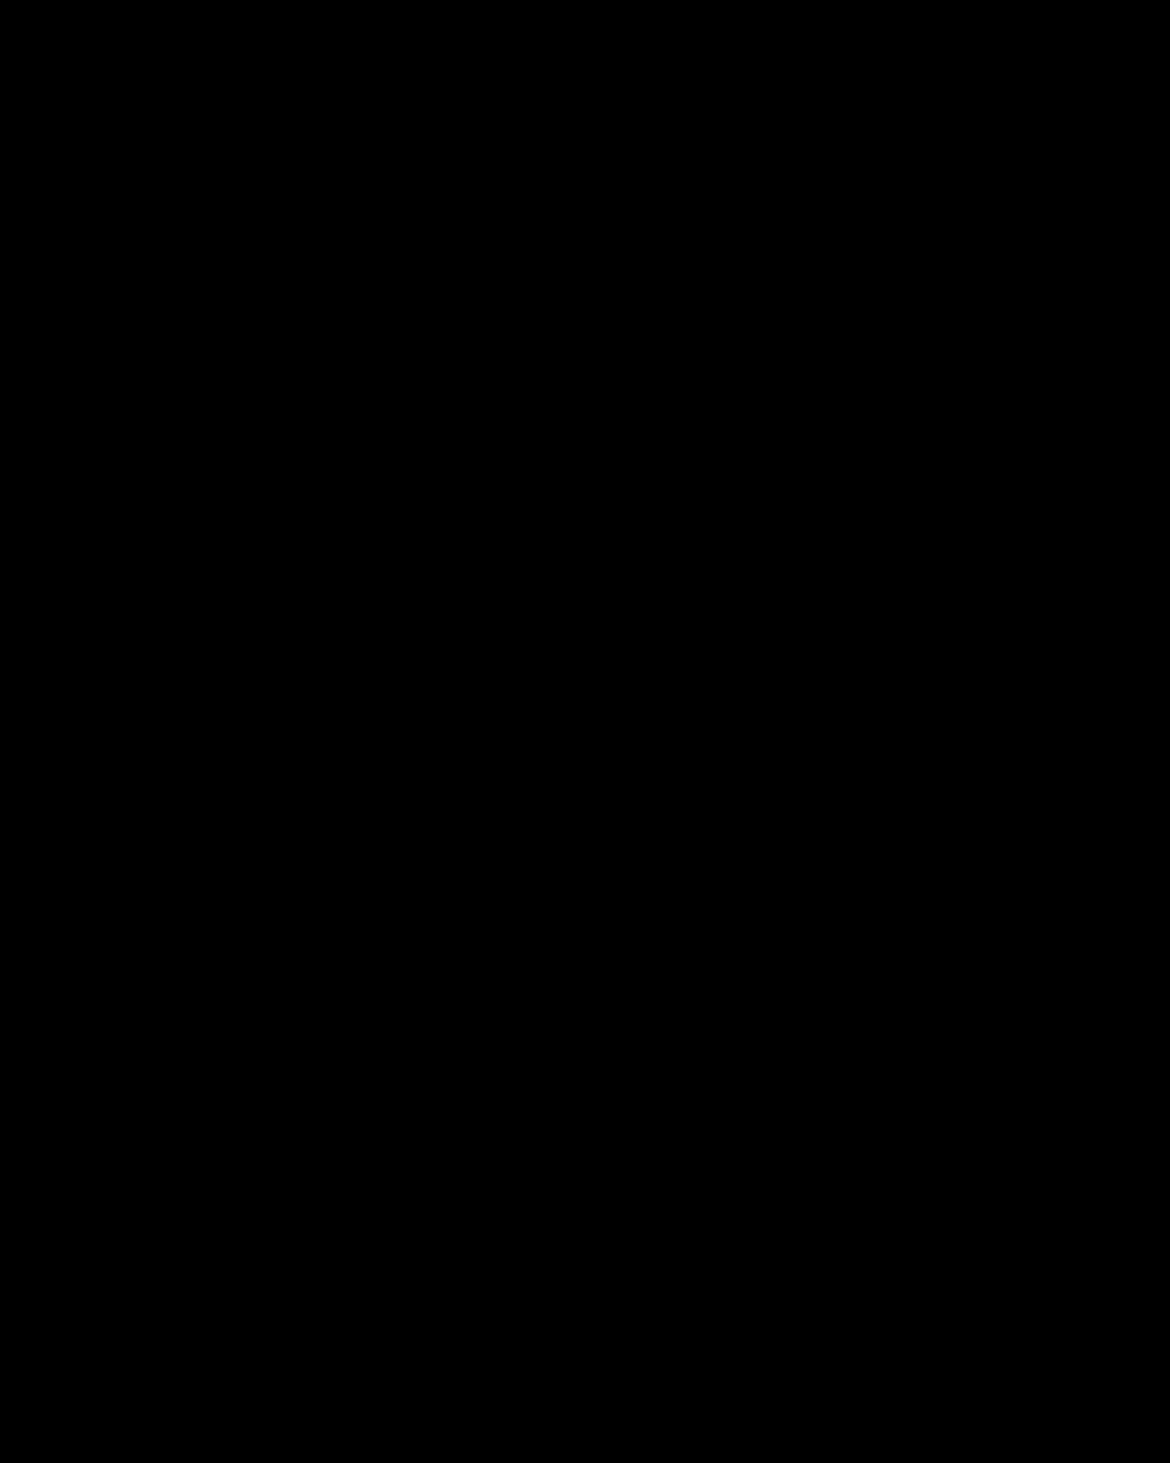 Laura Comolli a pranzo da Canaves Oia, Vacanza a Santorini - Cosa vedere e dove andare